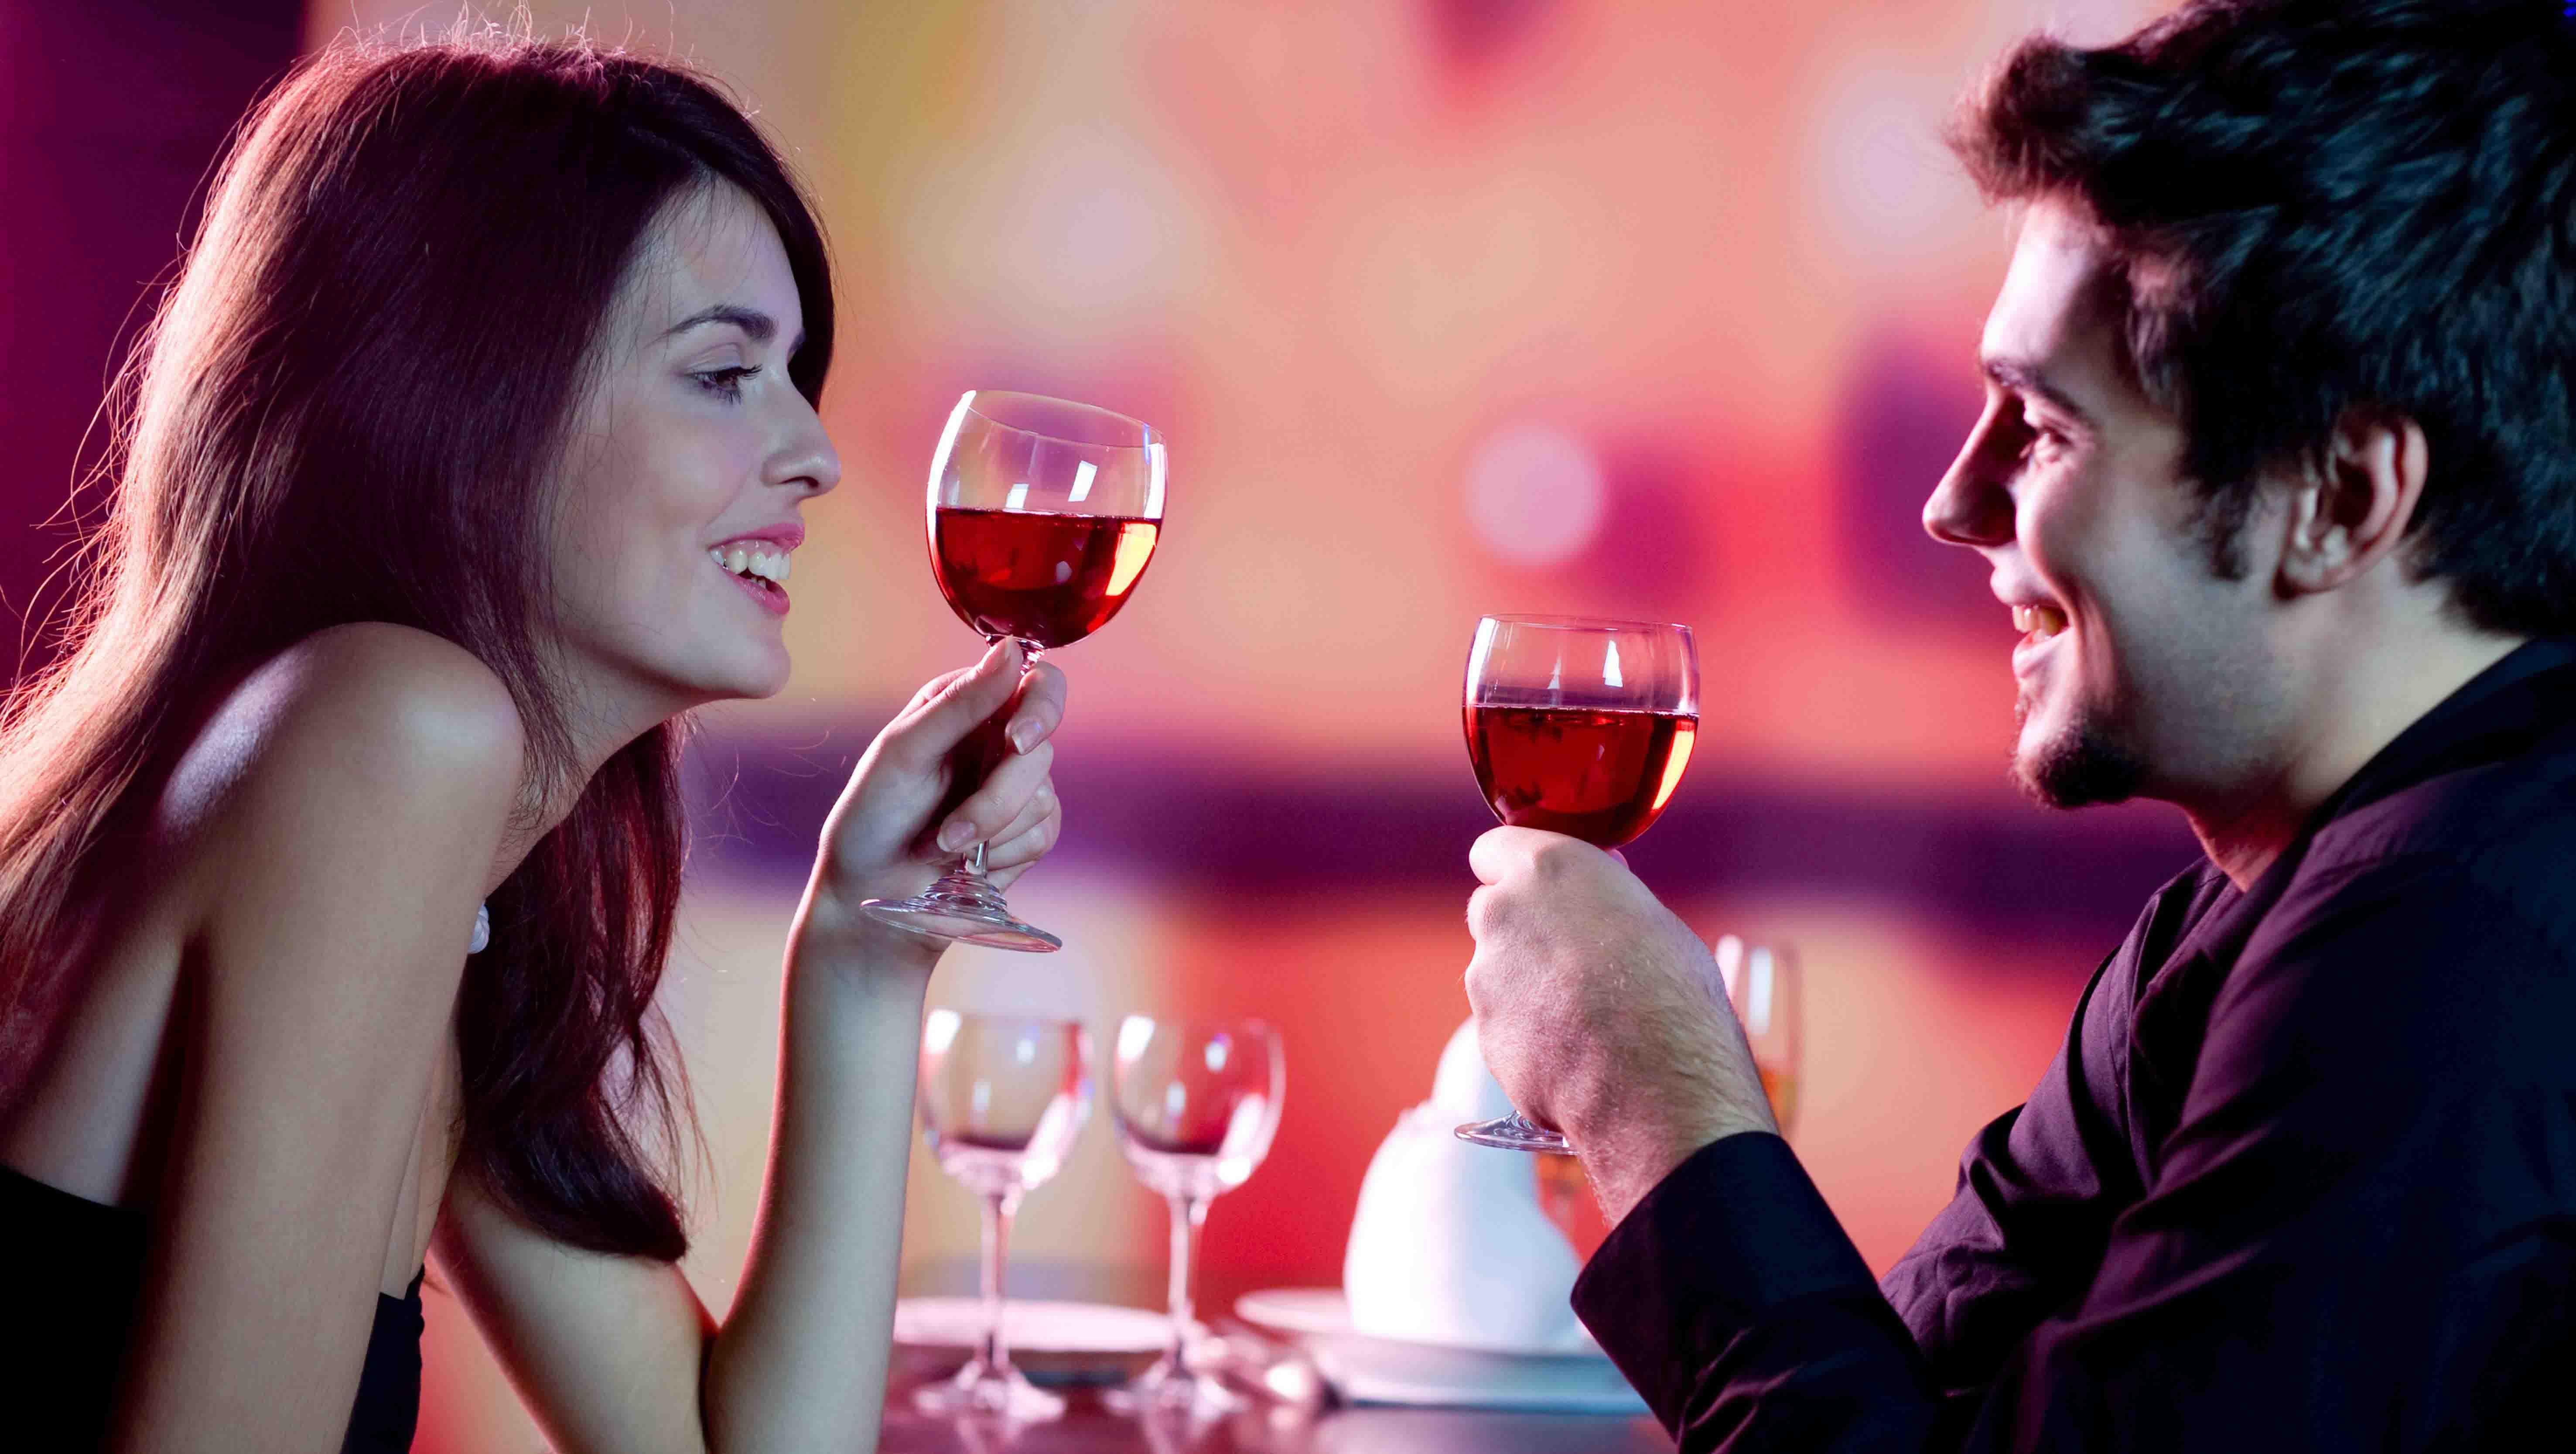 Як створити романтику в спальні?